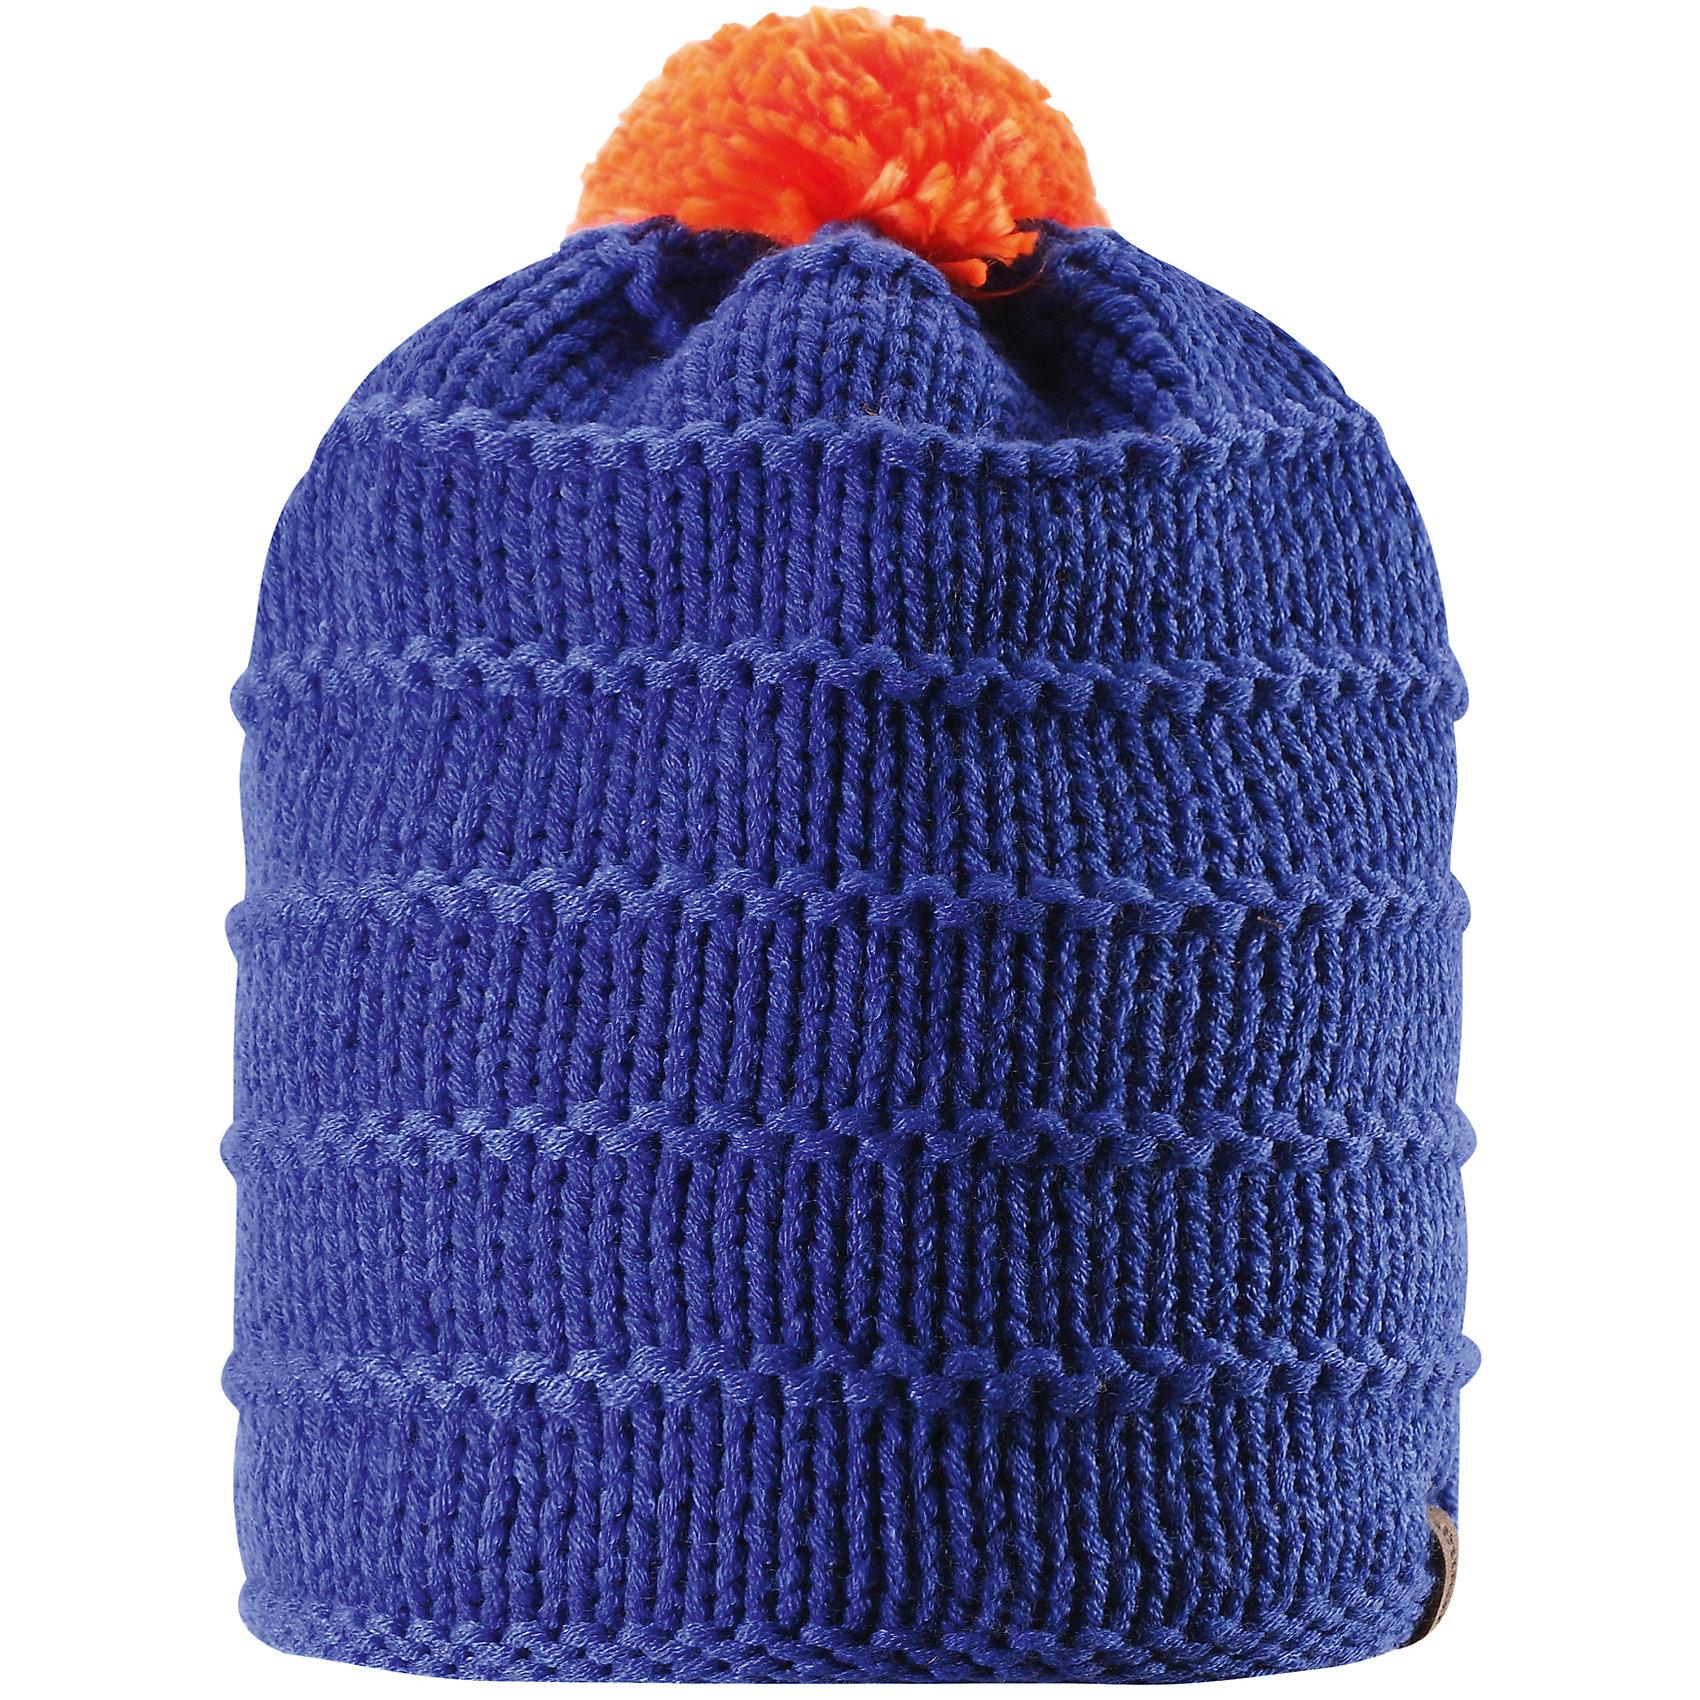 Шапка для мальчика ReimaЭта зимняя детская шапка из тёплой, толстой, высококачественной акриловой пряжи станет модным выбором для зимних прогулок. В этой шапке с подкладкой из мягкого, тёплого флиса ребёнок не замёрзнет в холодные зимние месяцы. Простой в уходе акрил отлично контролирует температуру. Ветронепроницаемые вставки в области ушей защищают маленькие ушки от холодного ветра, поэтому маленьким искателям приключений будет тепло и комфортно. Уютная модель весёлой расцветки легко сочетается с разной одеждой, а помпон контрастного цвета делает образ неповторимым.<br><br>Дополнительная информация:<br><br>Зимняя шапка для детей и подростков<br>Тёплая, толстая, высококачественная пряжа<br>Мягкая, тёплая подкладки из флиса<br>Ветронепроницаемые вставки в области ушей<br>Состав: 100% акрил<br><br>Шапку для мальчика от популярного финского бренда Reima можно купить в нашем магазине.<br><br>Ширина мм: 89<br>Глубина мм: 117<br>Высота мм: 44<br>Вес г: 155<br>Цвет: синий<br>Возраст от месяцев: 96<br>Возраст до месяцев: 120<br>Пол: Мужской<br>Возраст: Детский<br>Размер: 56,58,52,54<br>SKU: 4417222